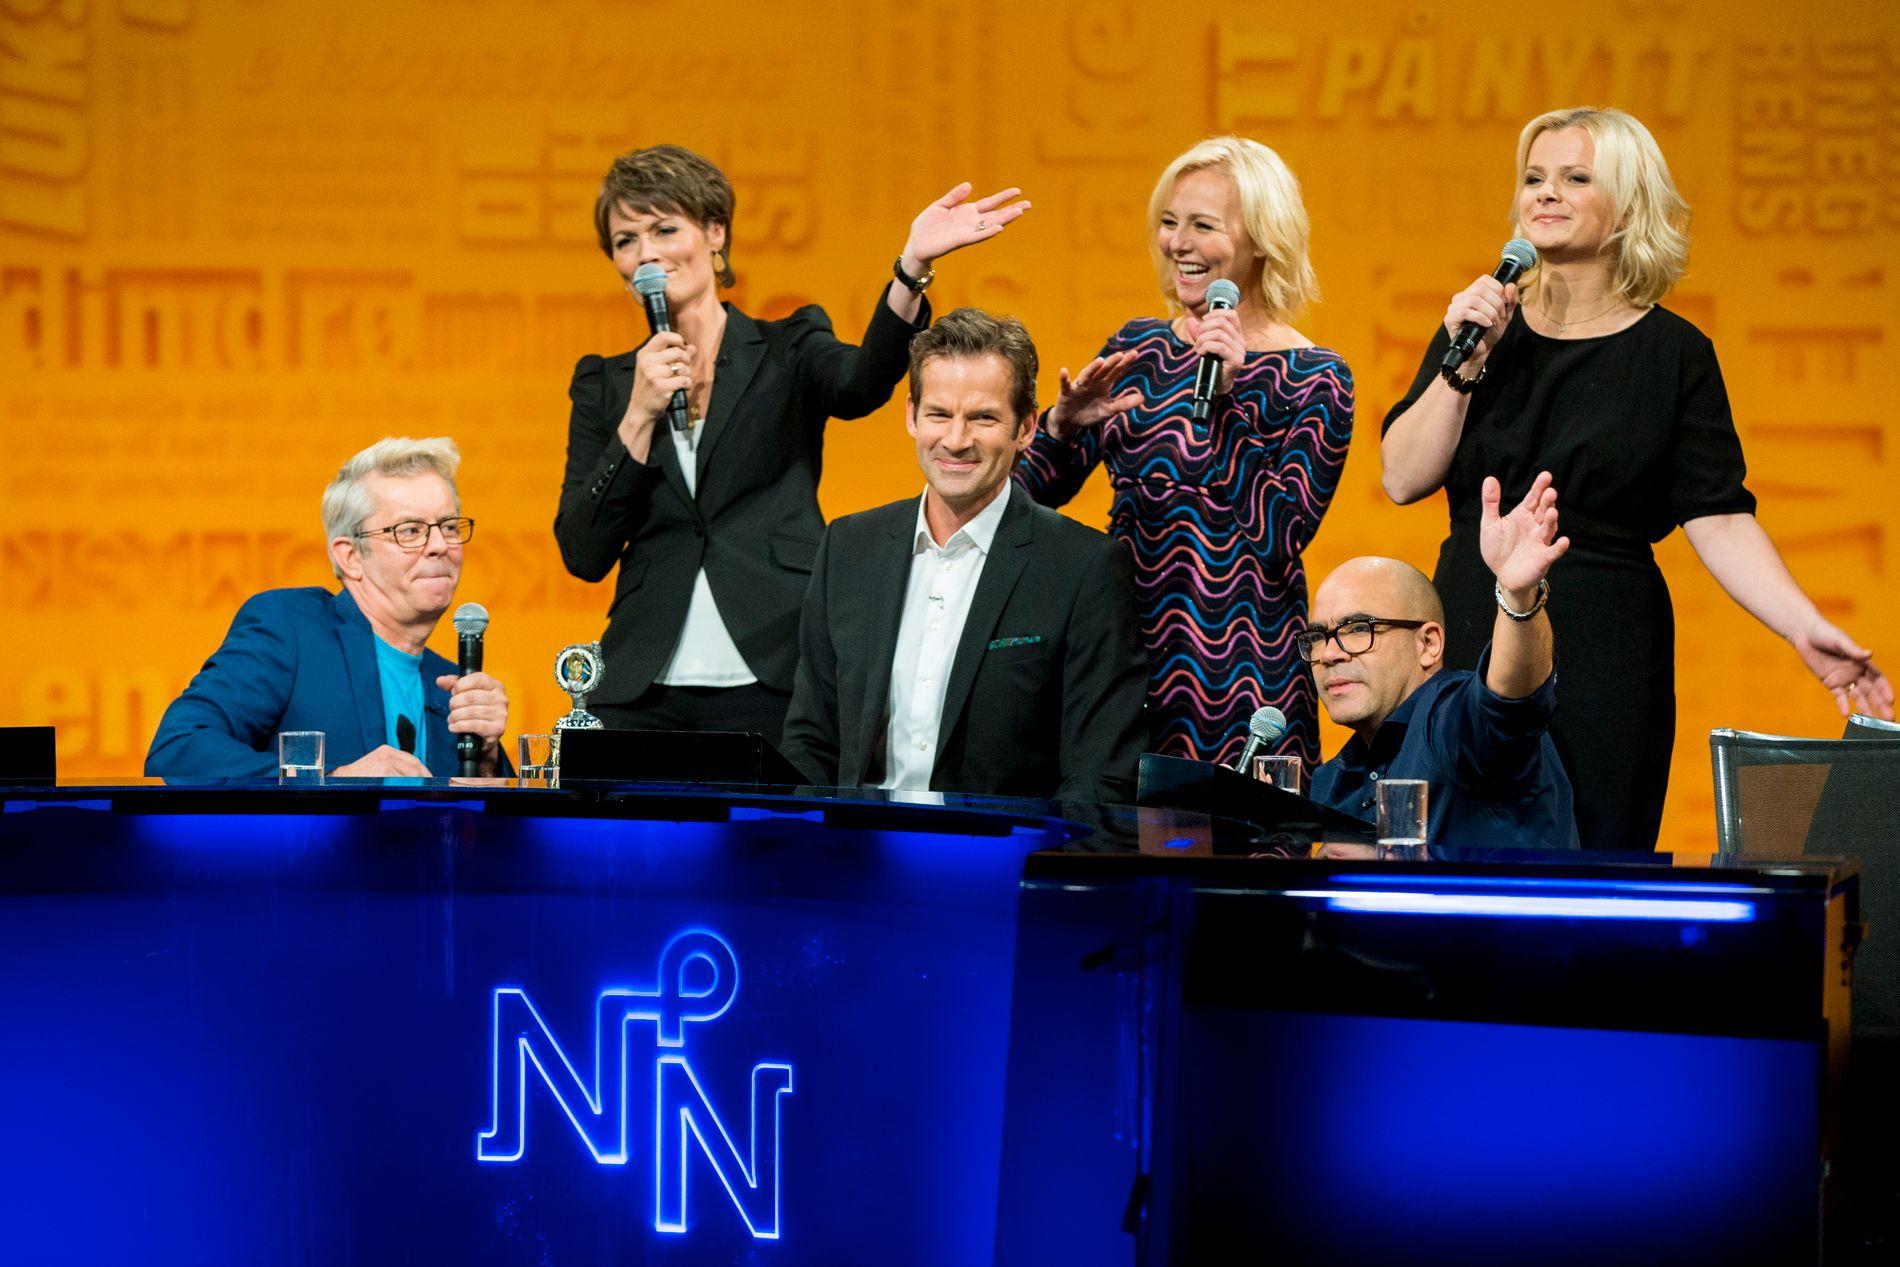 08ce1d90 SYNGES UT: Programleder Jon Almaas under sin siste innspilling av «Nytt på  nytt» torsdag kveld. Da dukket Knut Nærum og Linn Skåber opp som gjester,  ...